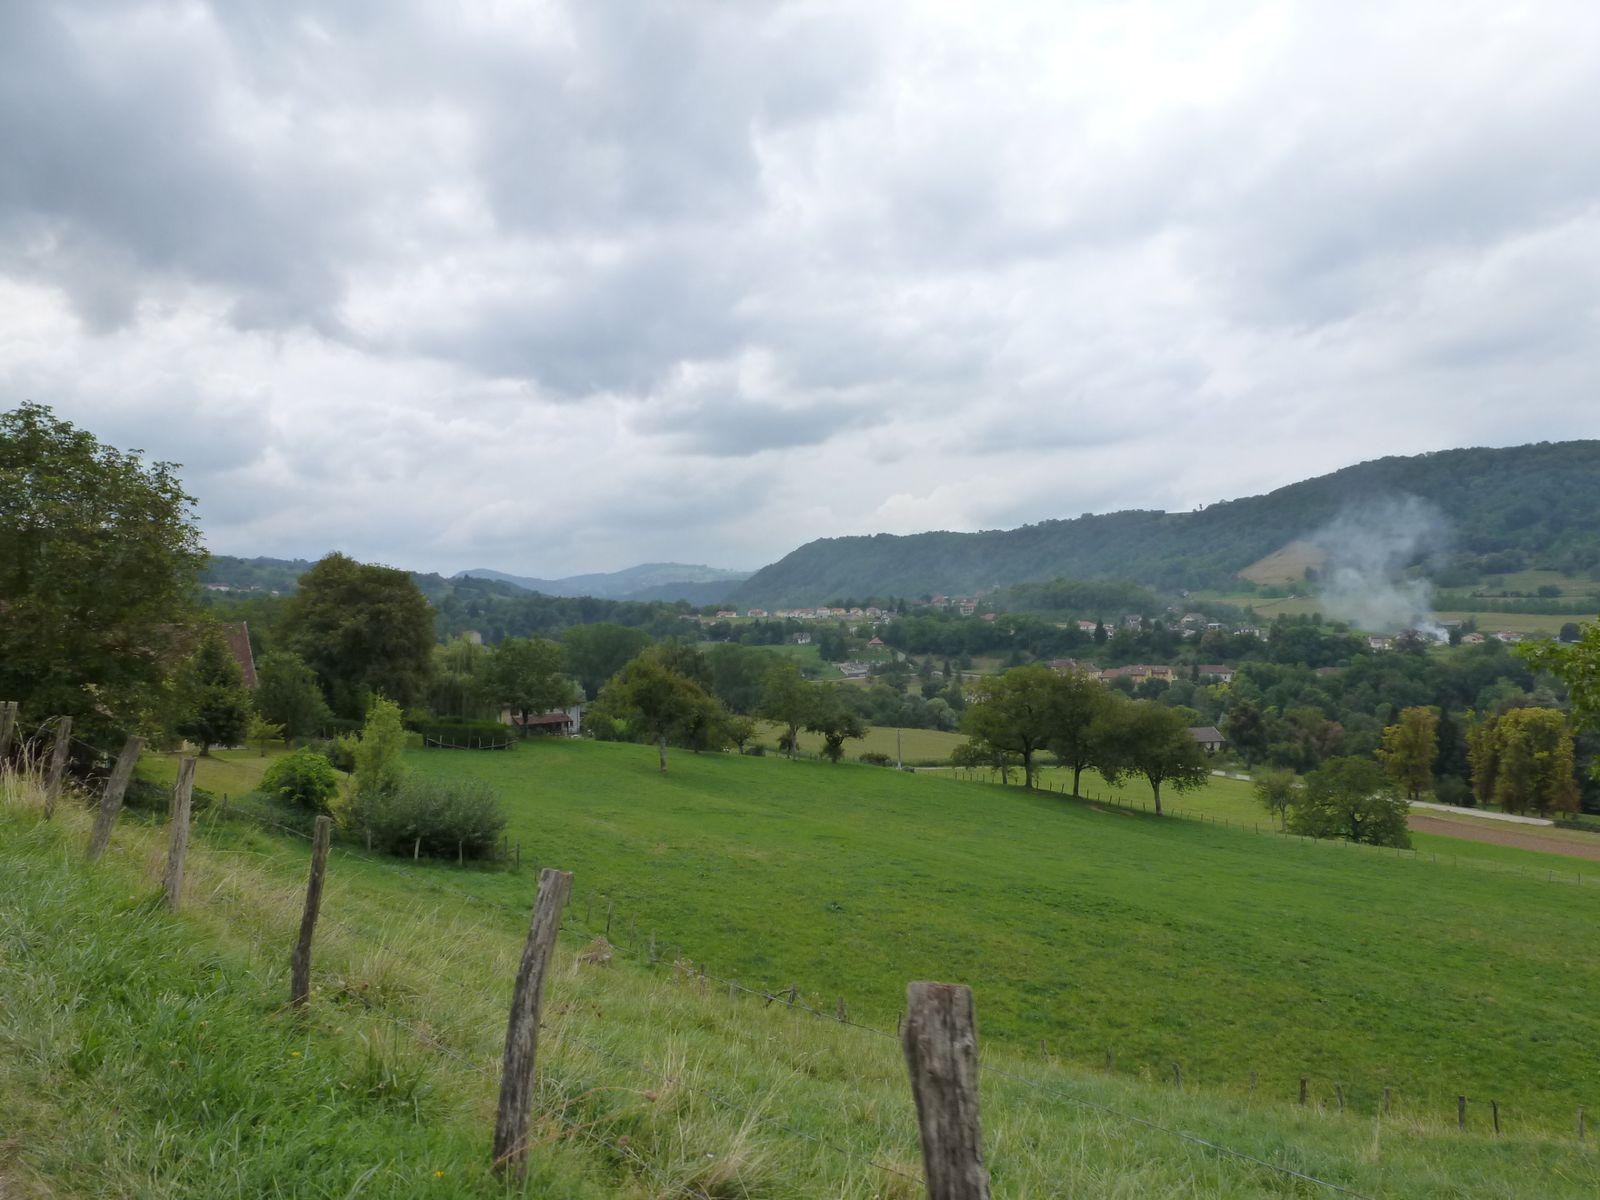 Saint Bueil, le Val d'Ainan... alors que trois minigouttes d'eau tombent... le ciel est chargé depuis 30 minutes